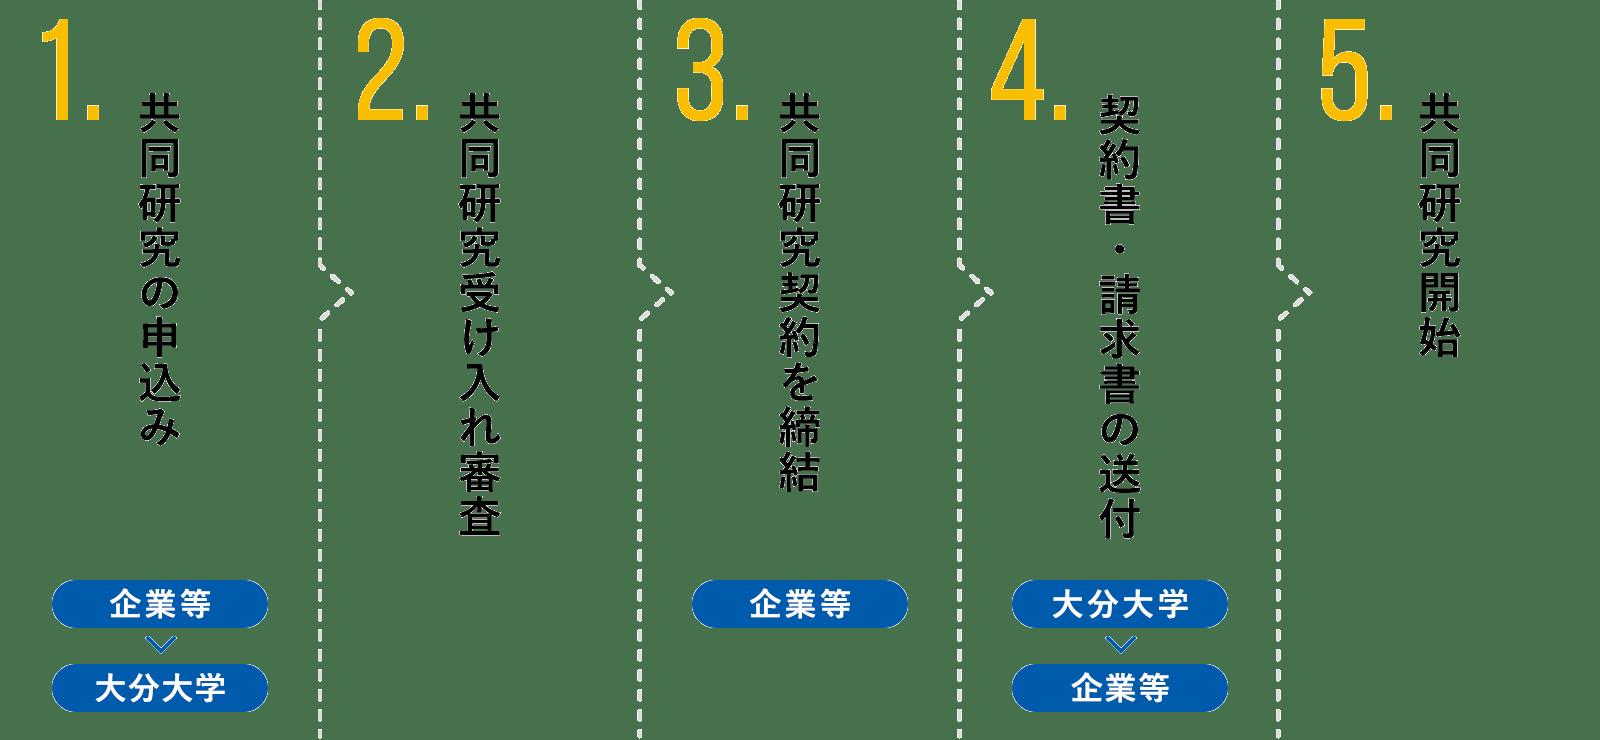 共同研究の手順